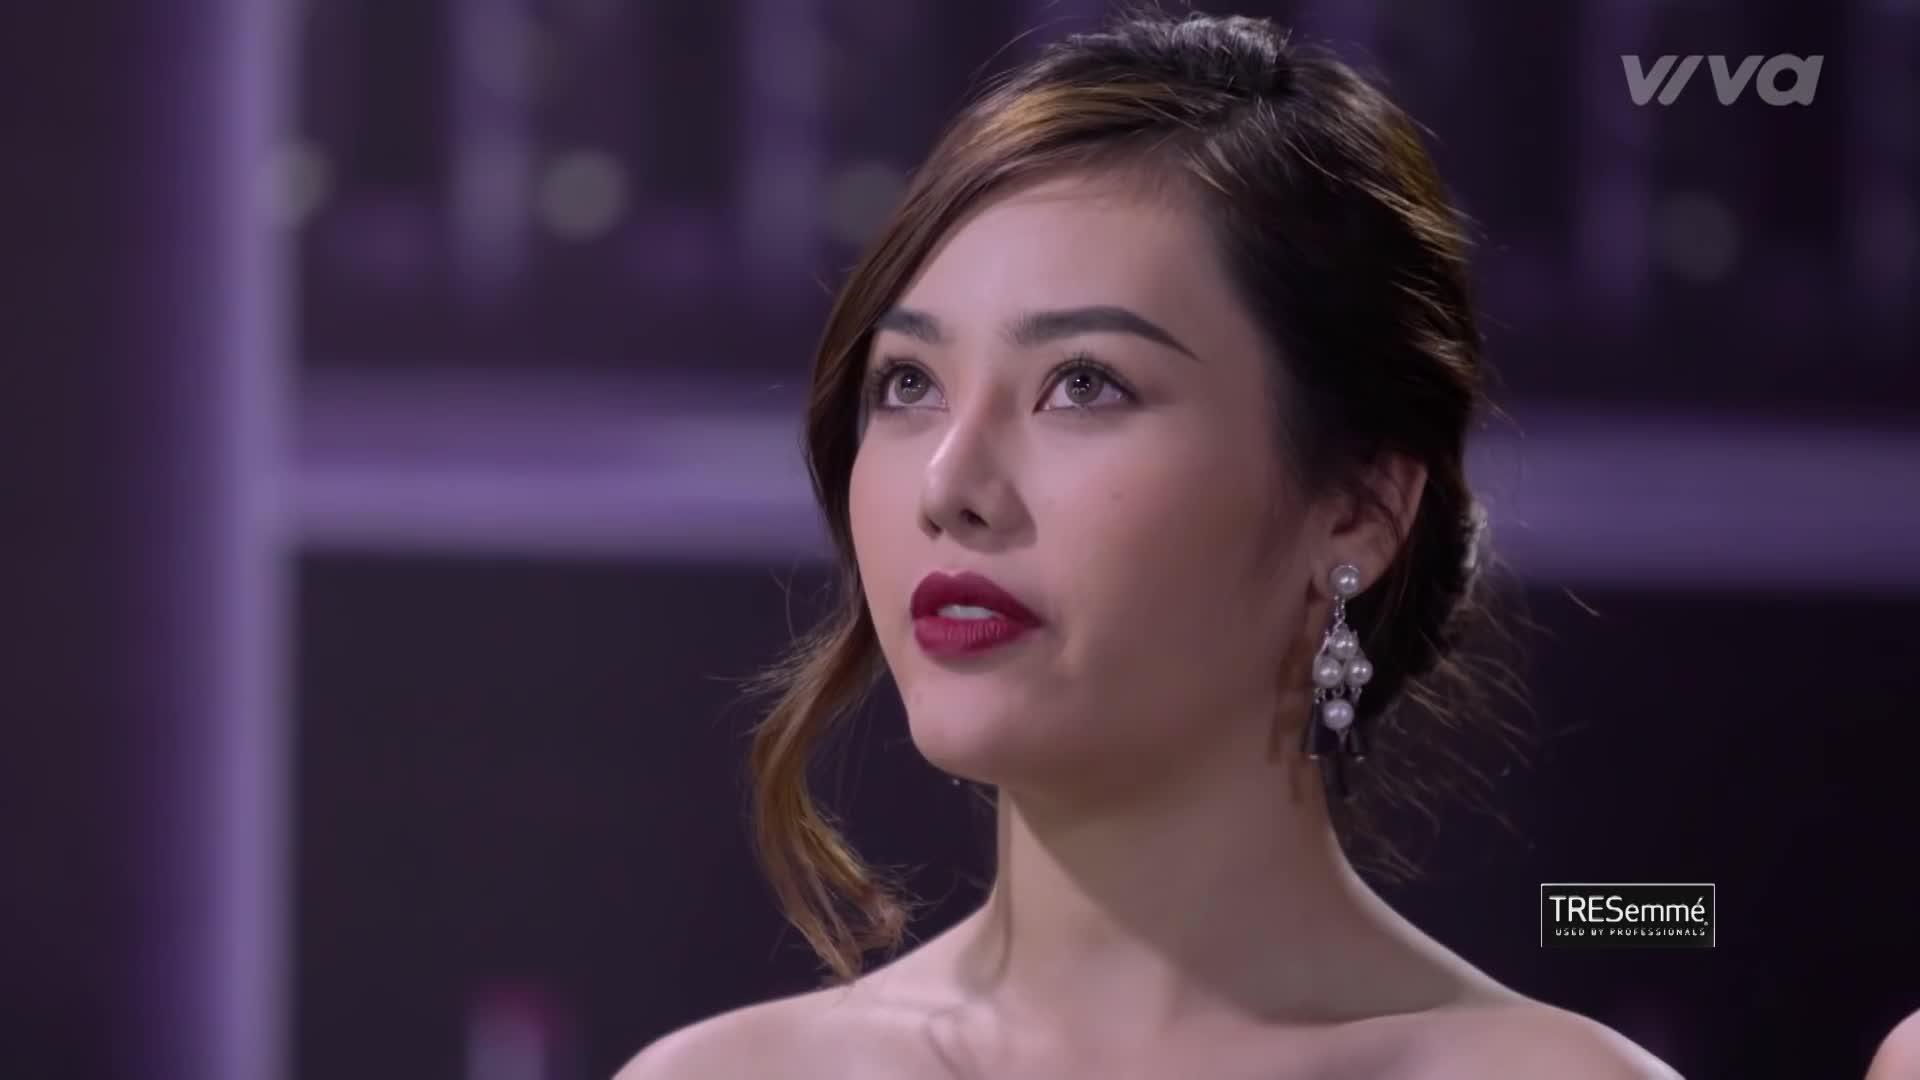 Dung Doll từ chối tham gia thử thách The Look, khóc lóc rời khỏi set quay để bảo vệ mái tóc